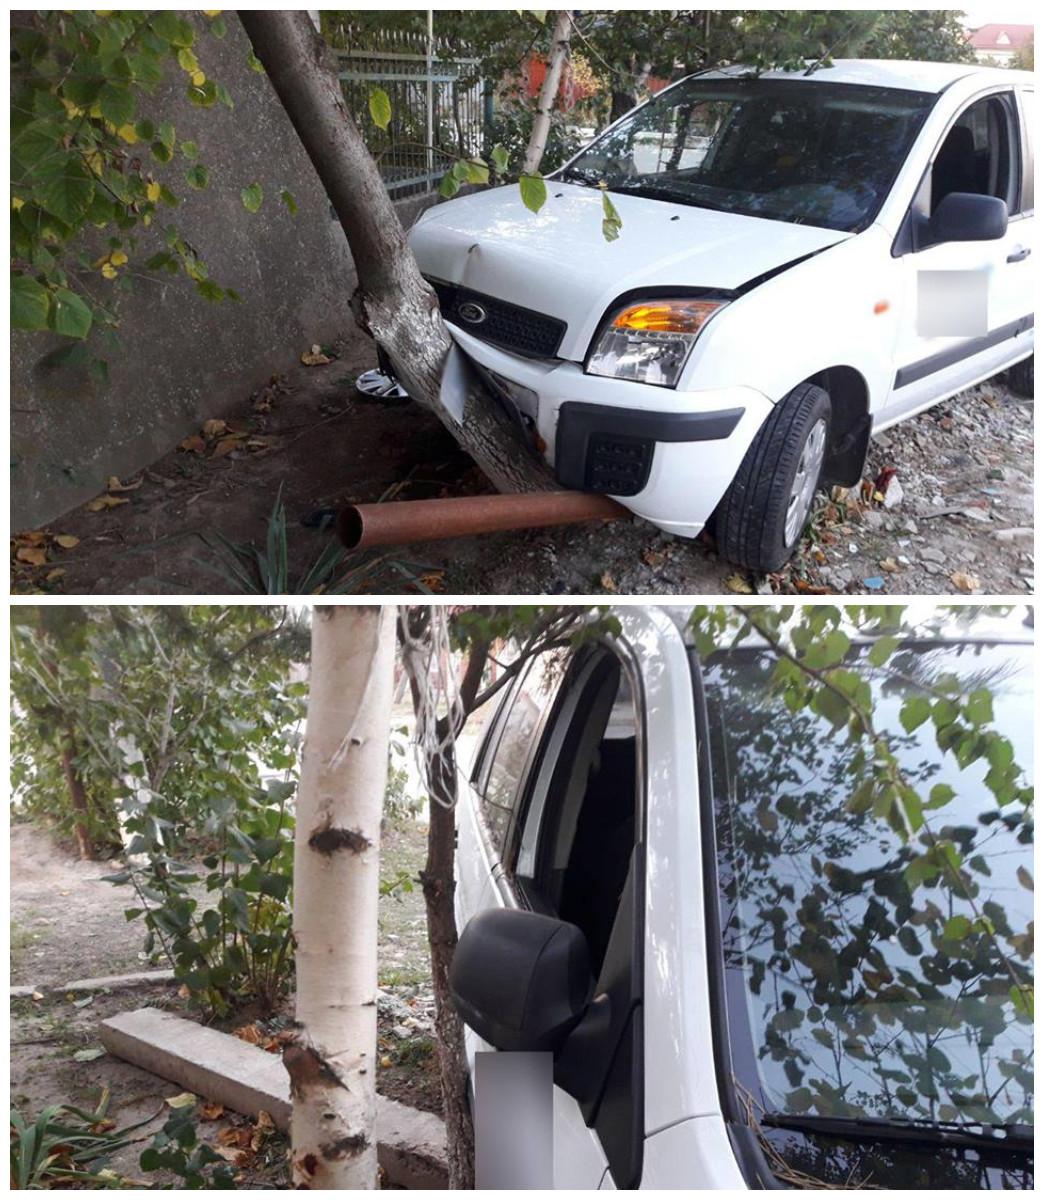 Водитель Ford Fusion, находясь в наркотическом опьянении, врезался в дерево